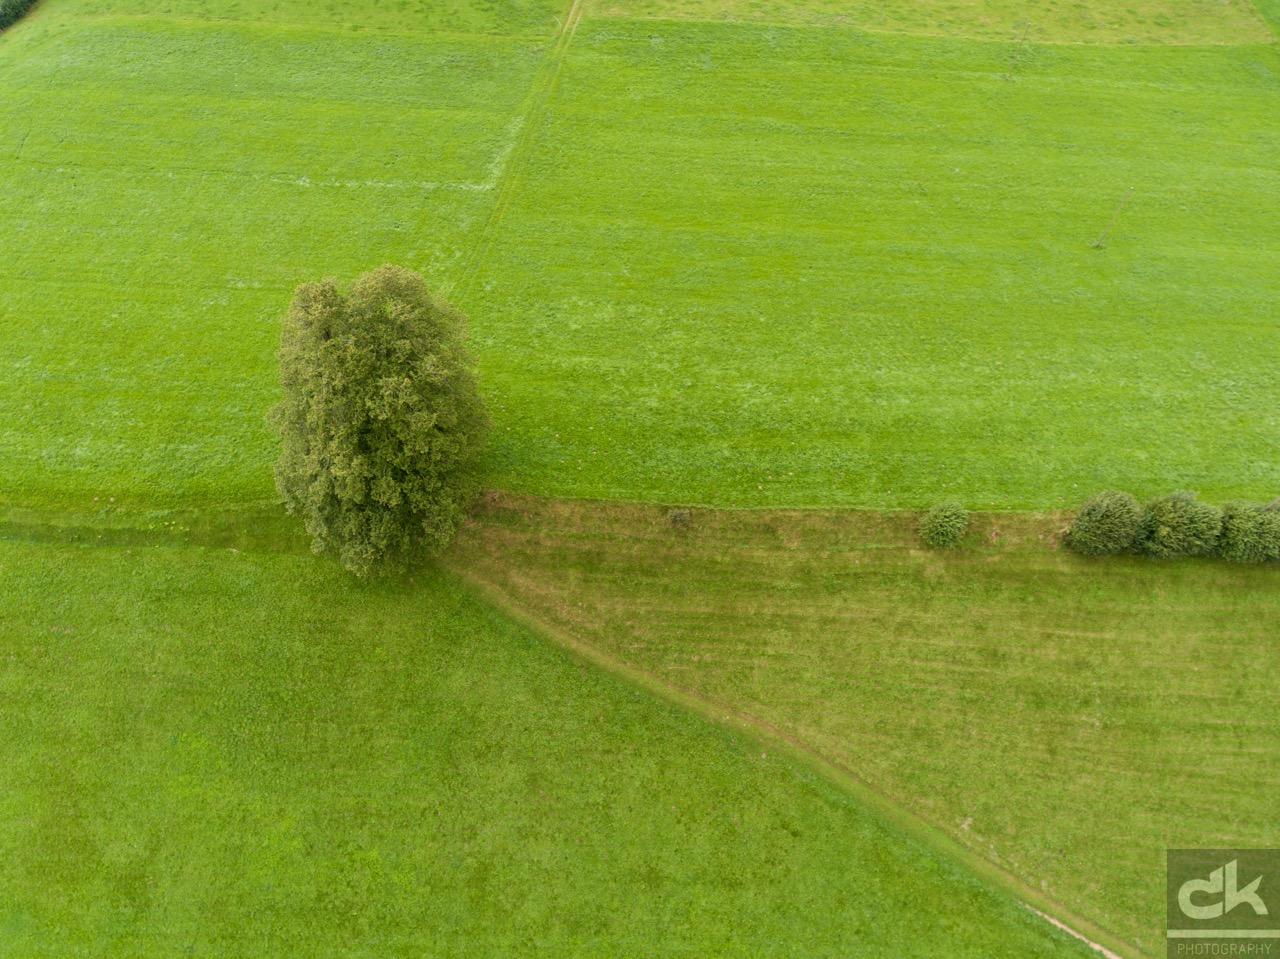 Impressionen aus der Luft (September 2016, Emmental, Schweiz)